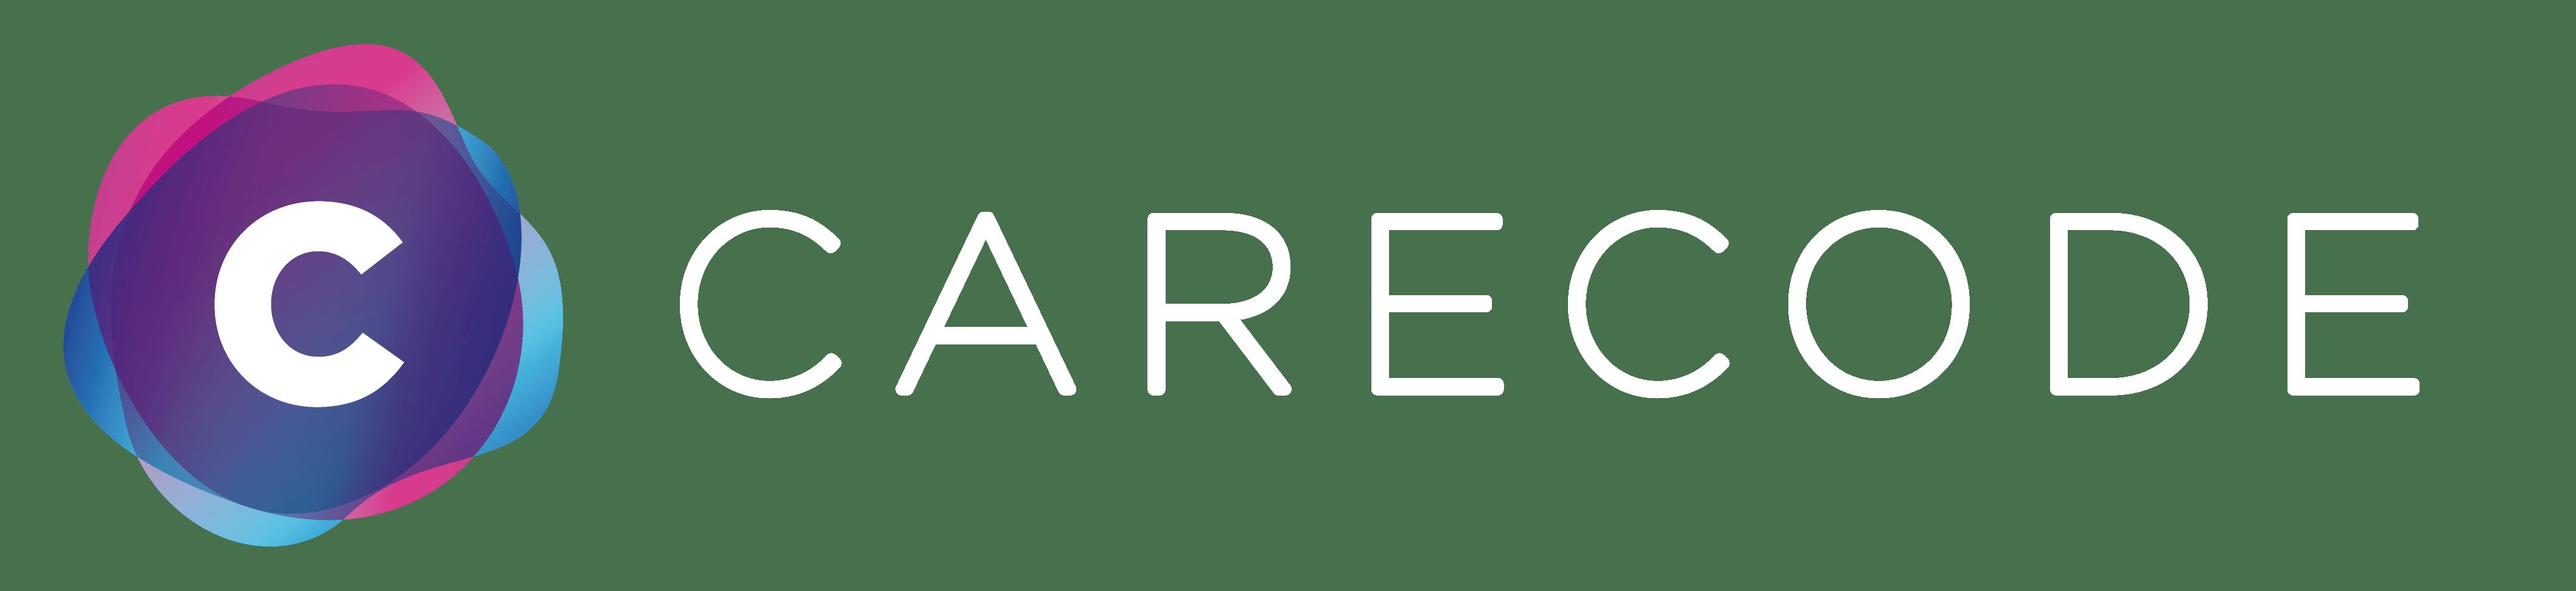 Carecode